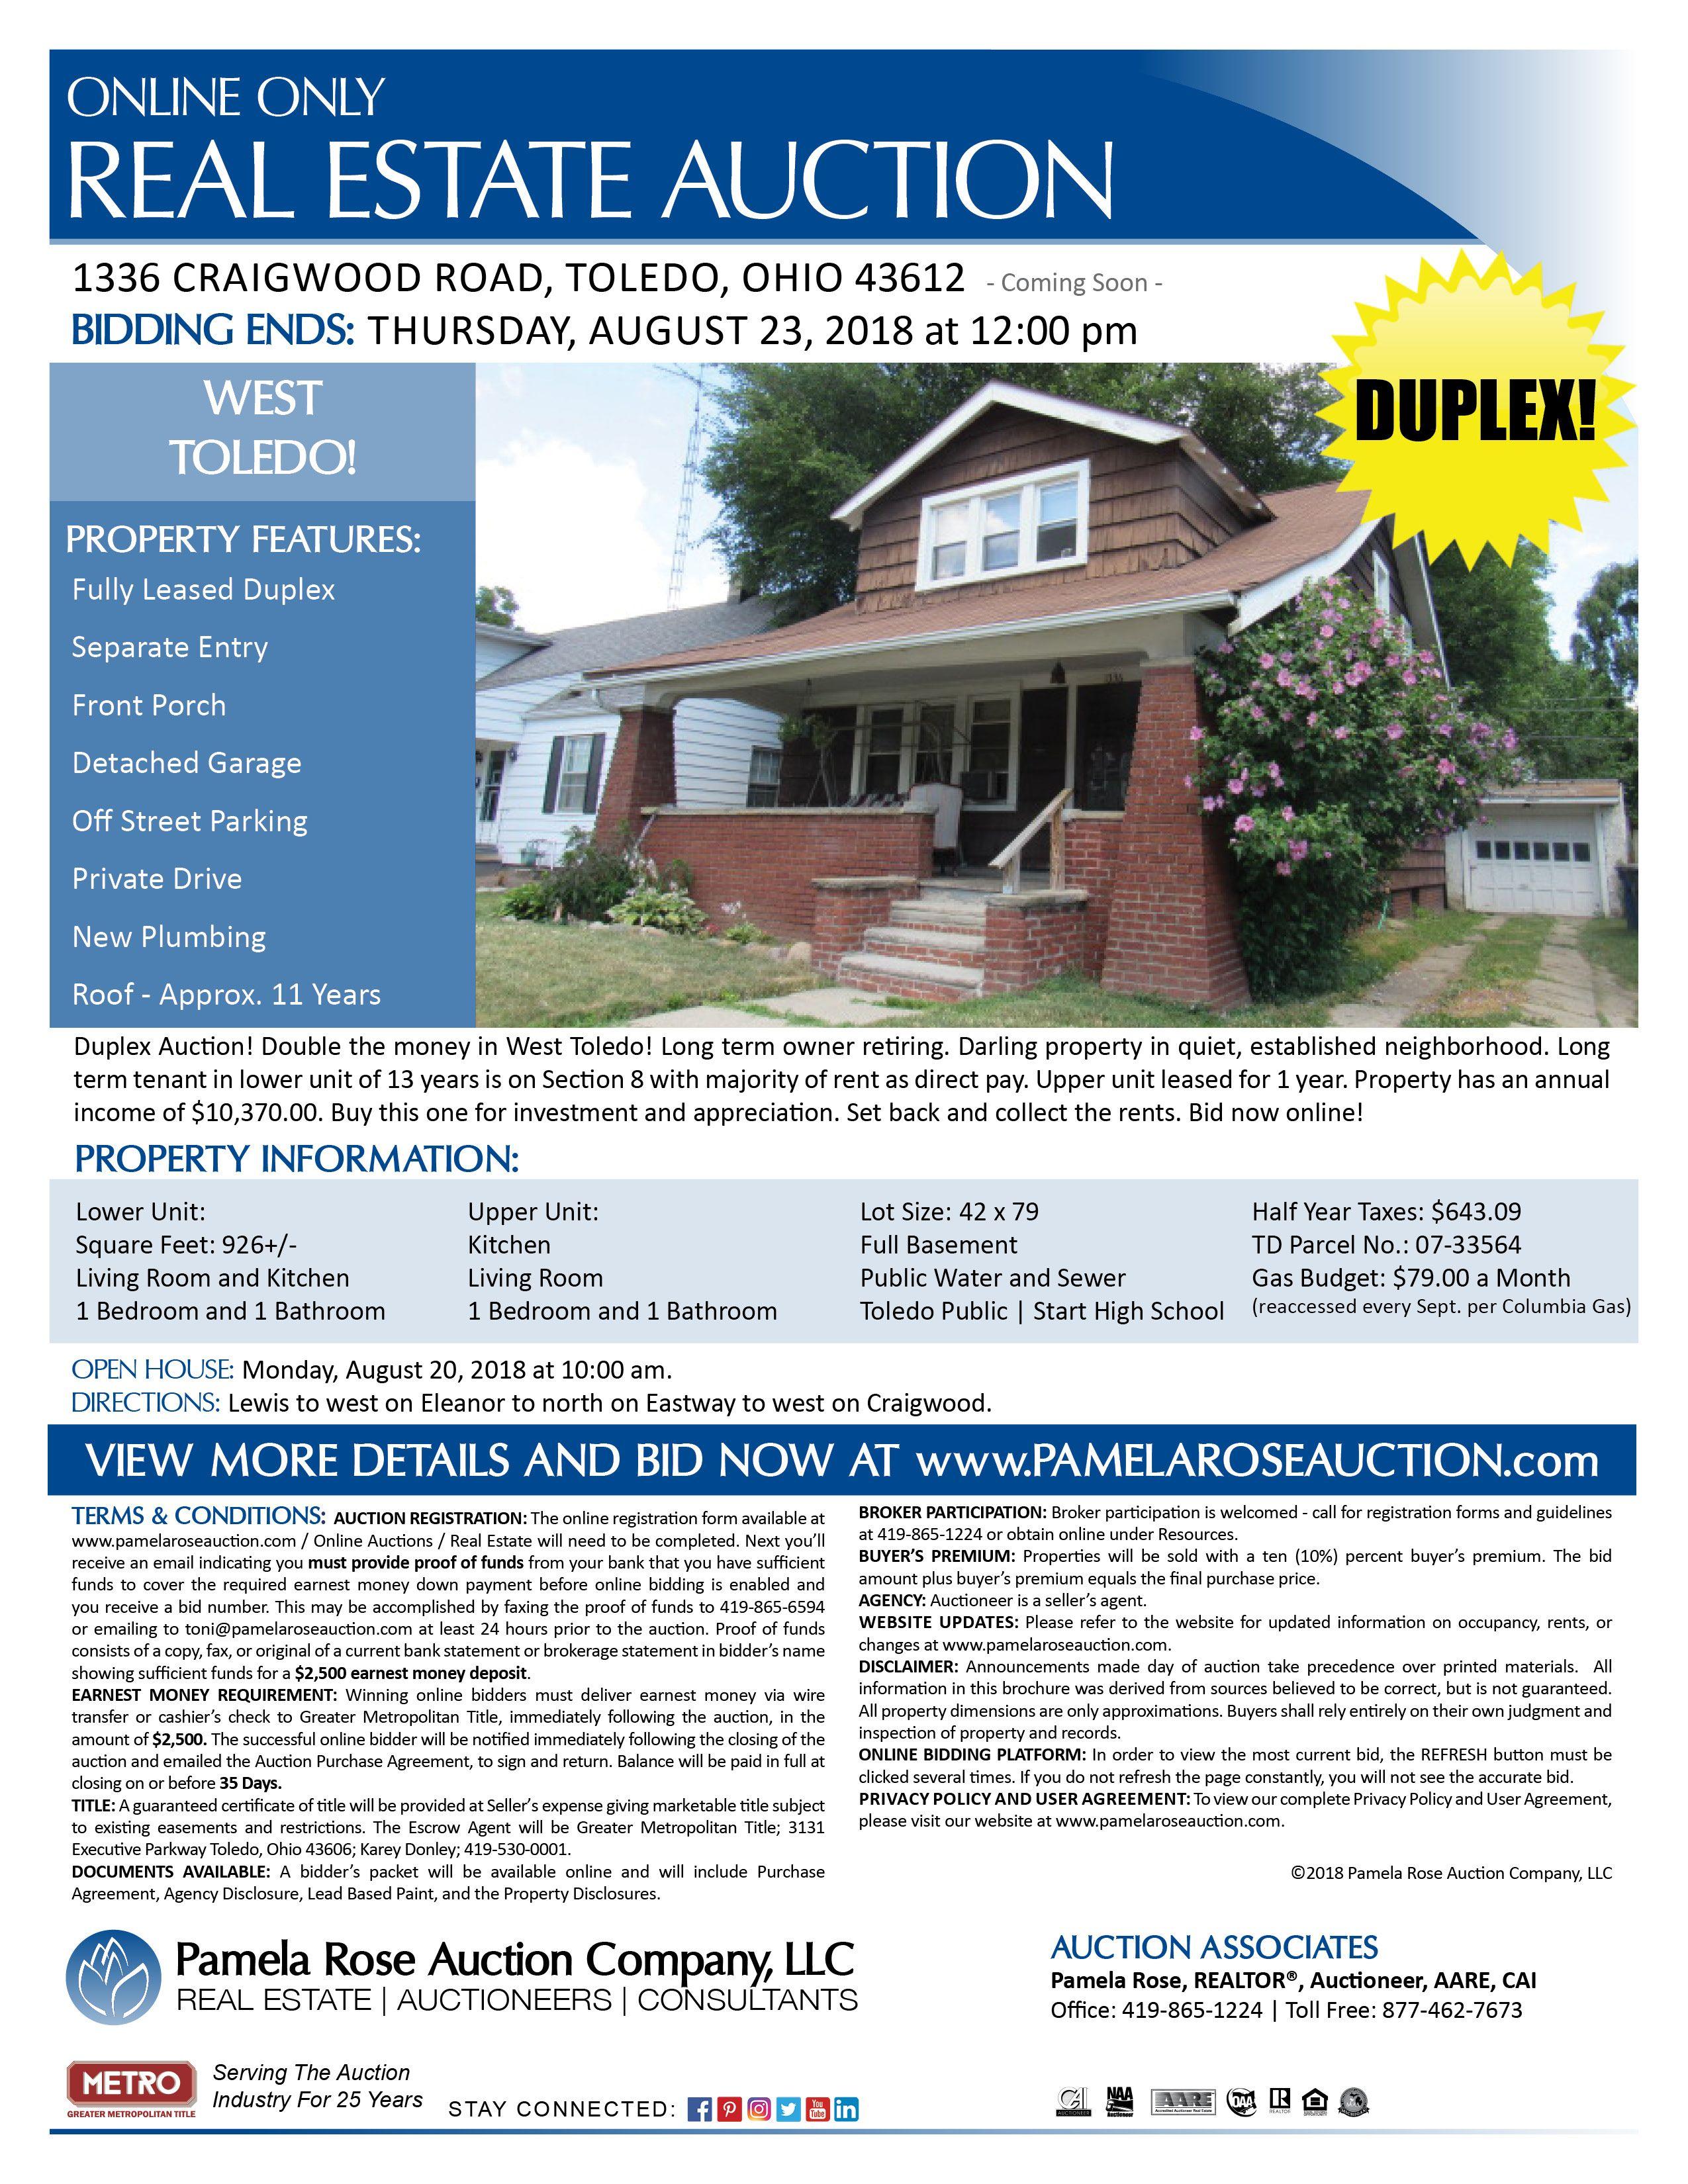 Duplex in West Toledo – Online Auction at 1336 Craigwood